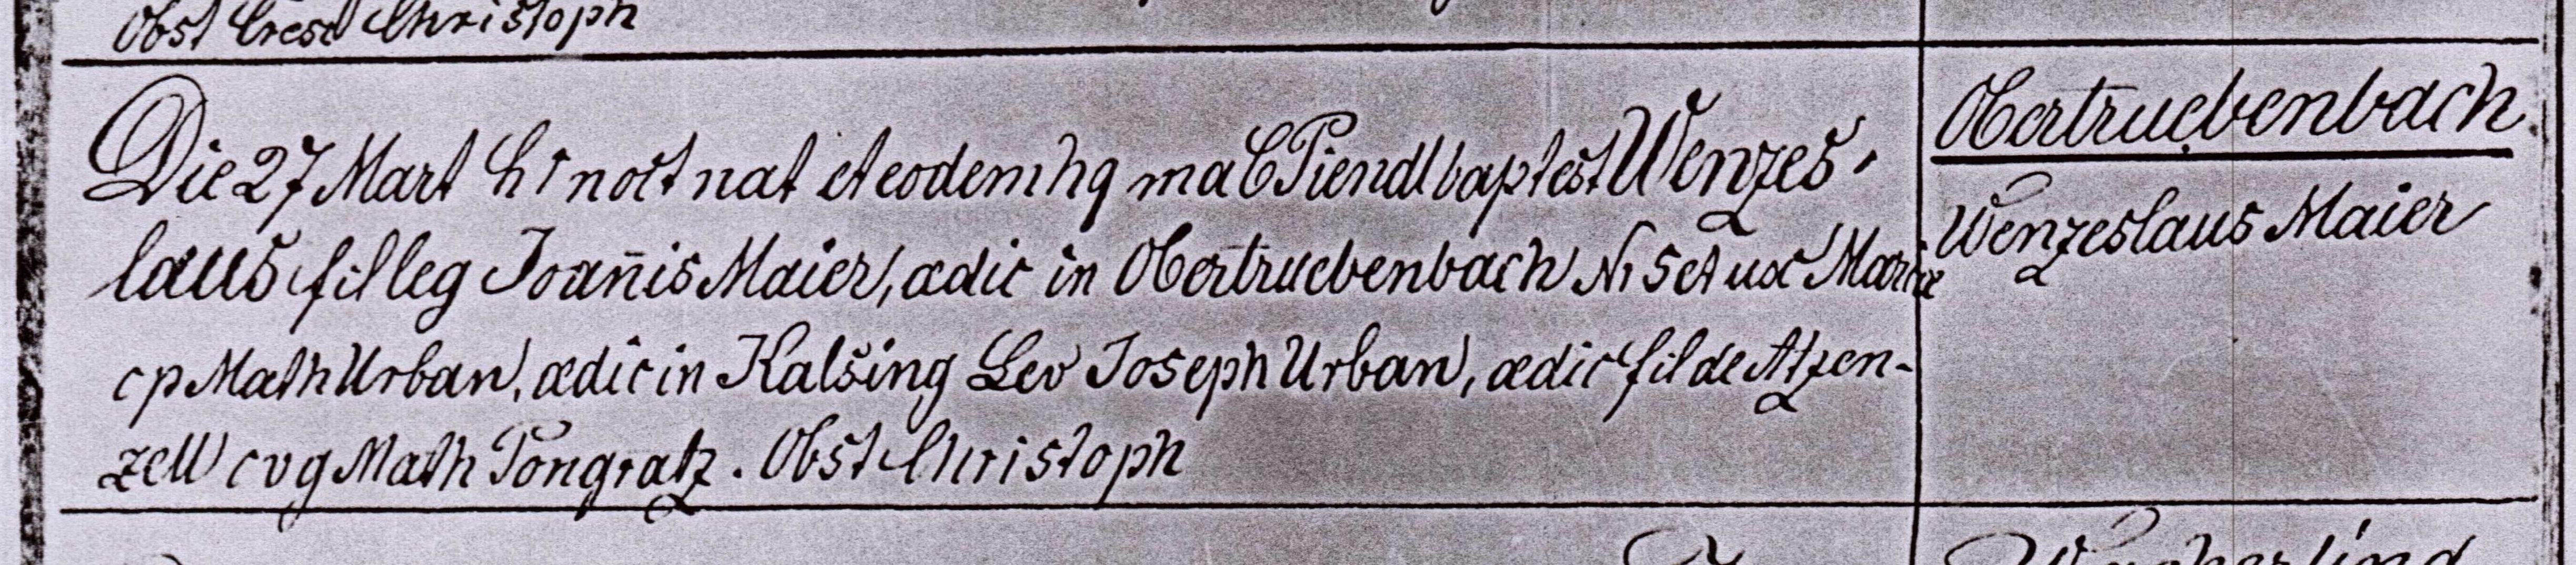 Wenzeslaus Meier 1871 crop